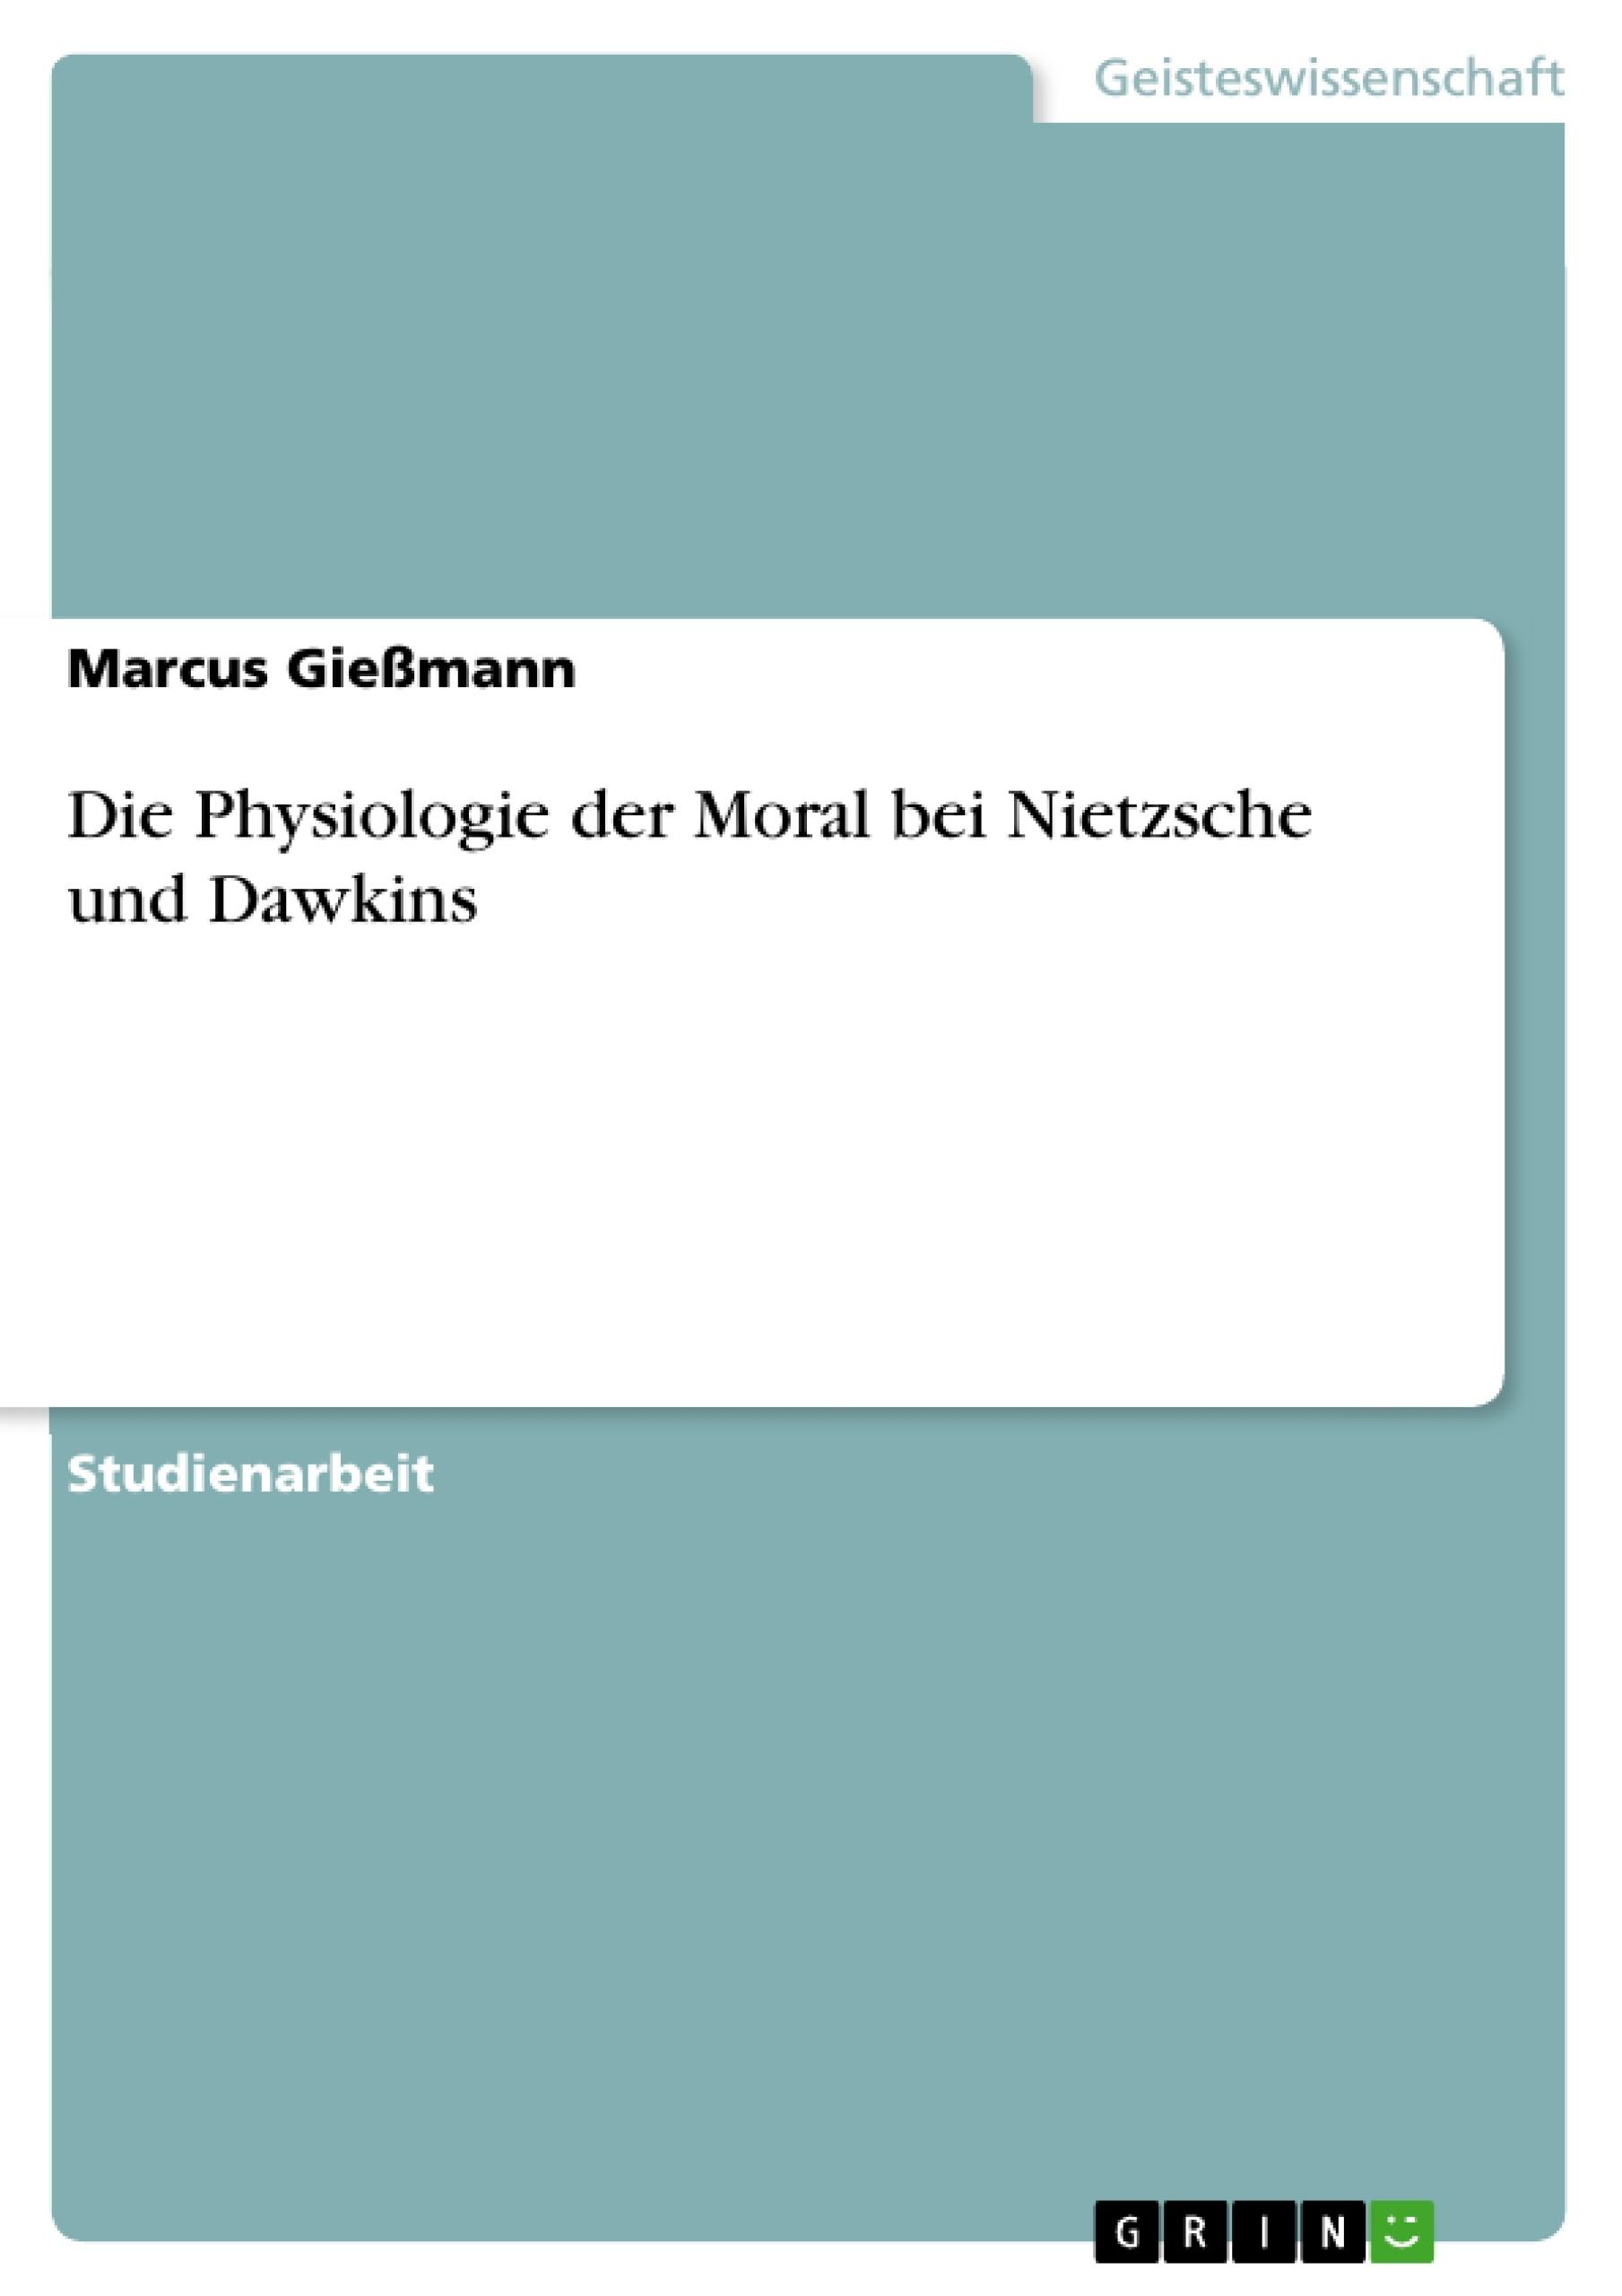 Titel: Die Physiologie der Moral bei Nietzsche und Dawkins